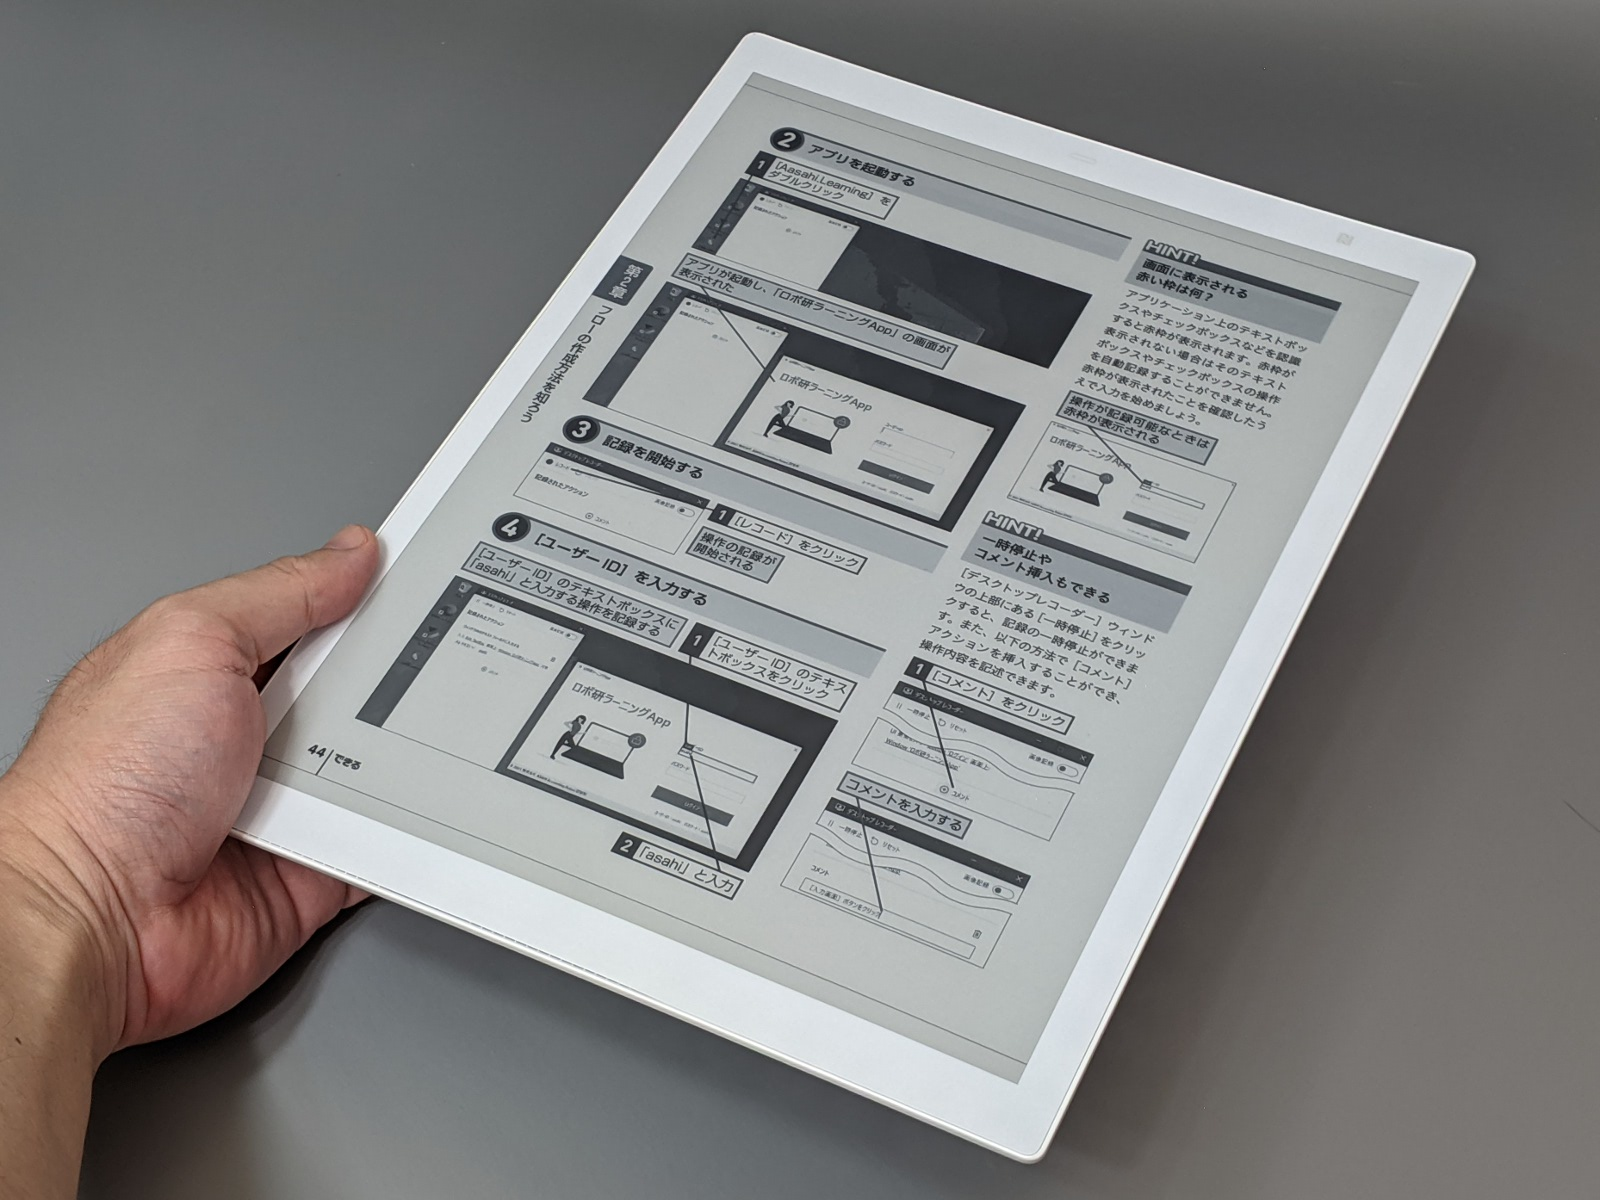 QUADERNO A4 (Gen.2)。画面の実サイズは201×269mm。前述の12.9インチiPad Proよりもわずかに大きい